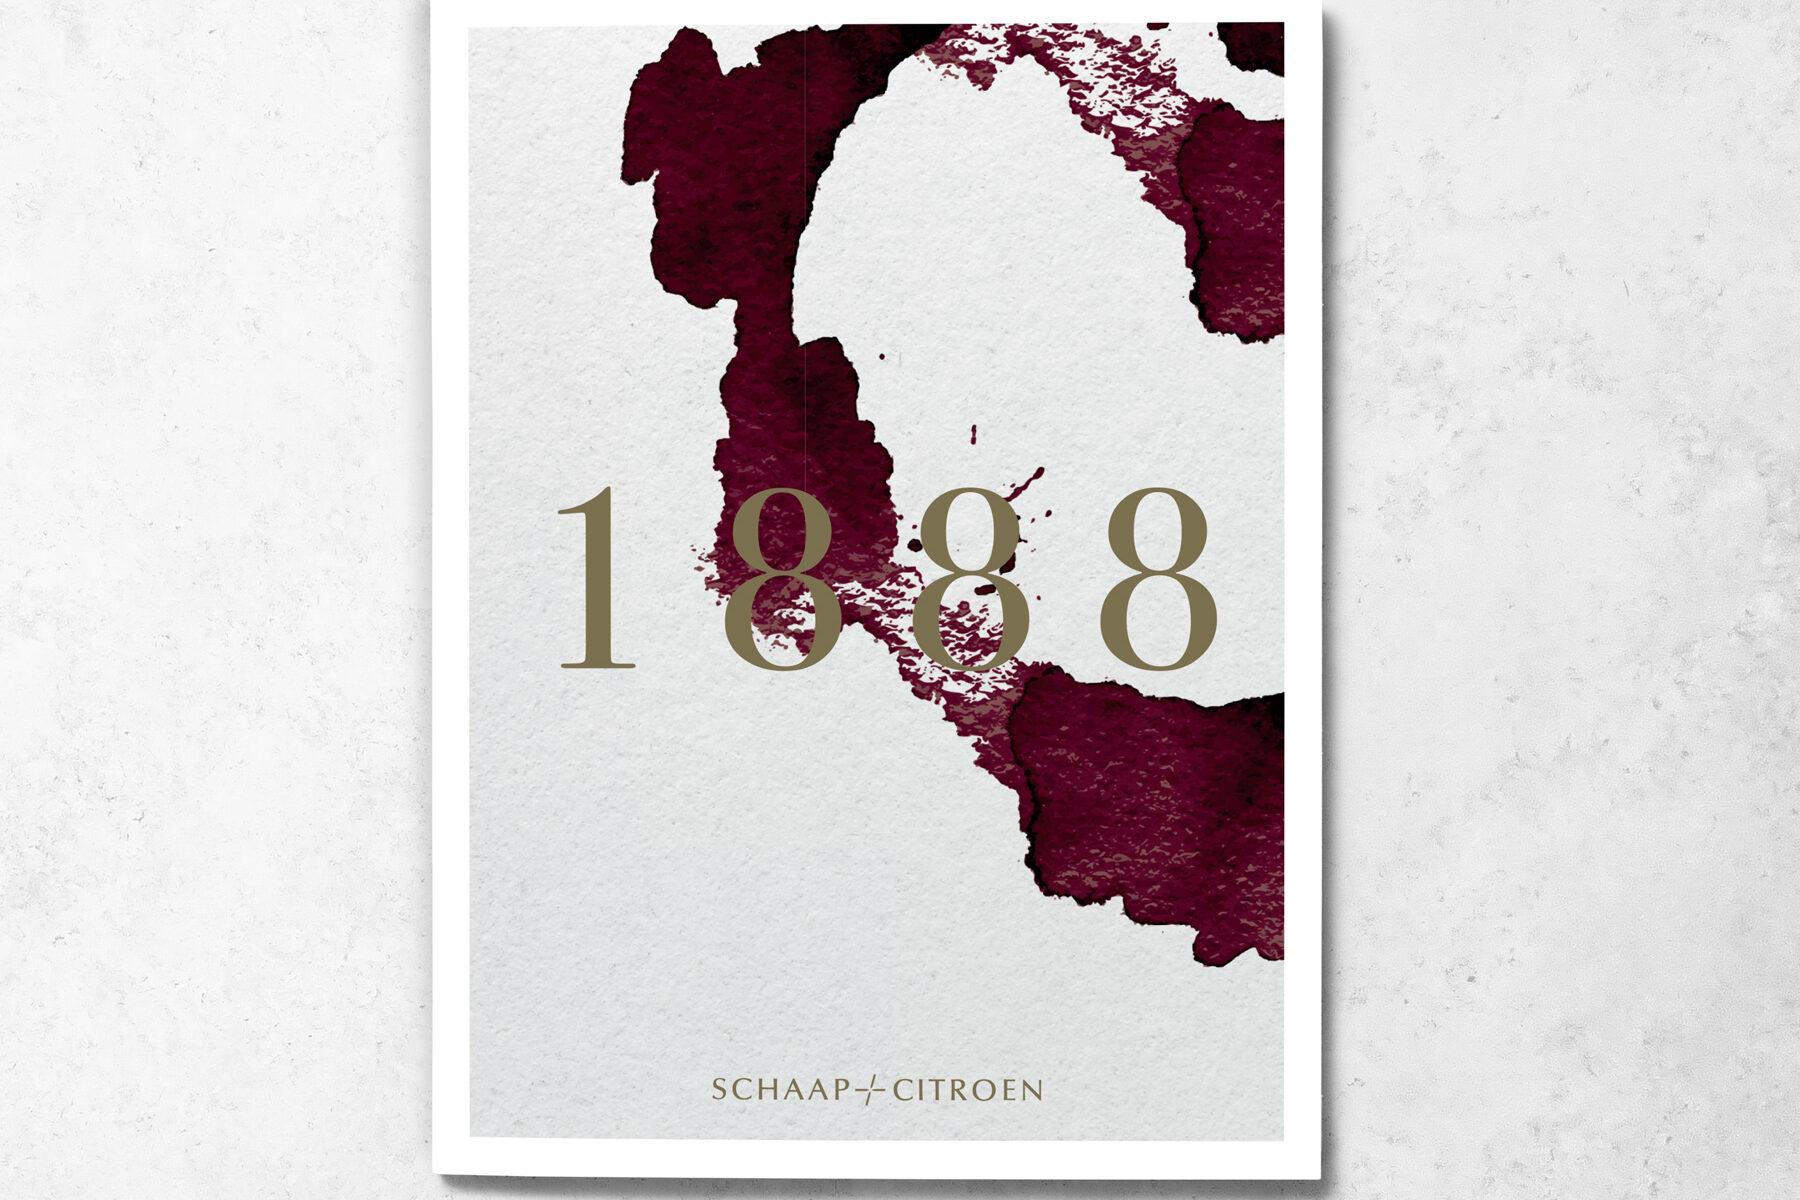 Schaap & Citroen